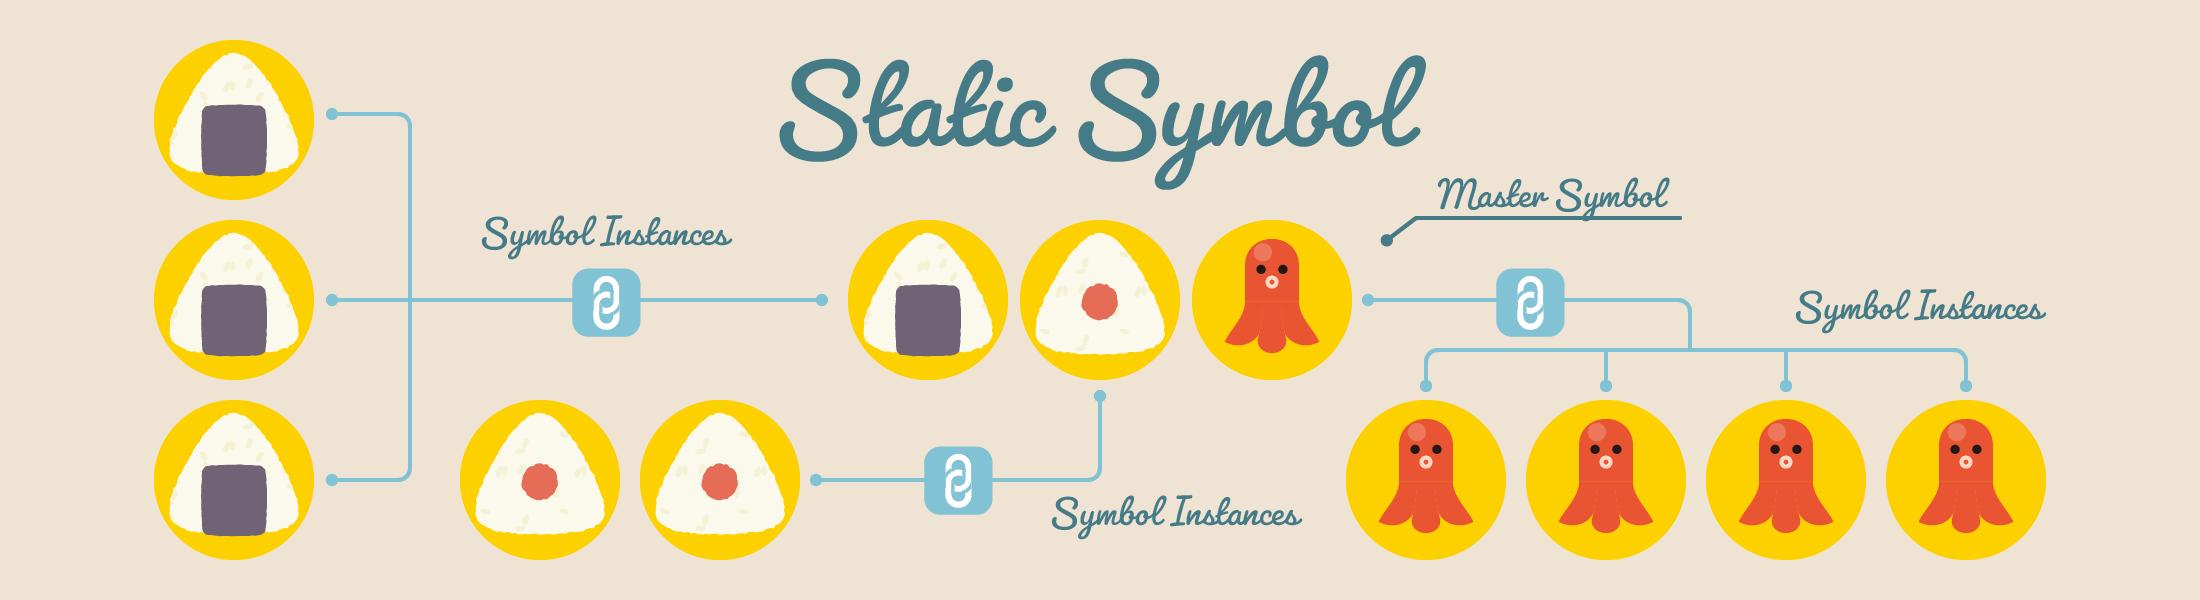 staticsymbol-thumbnail